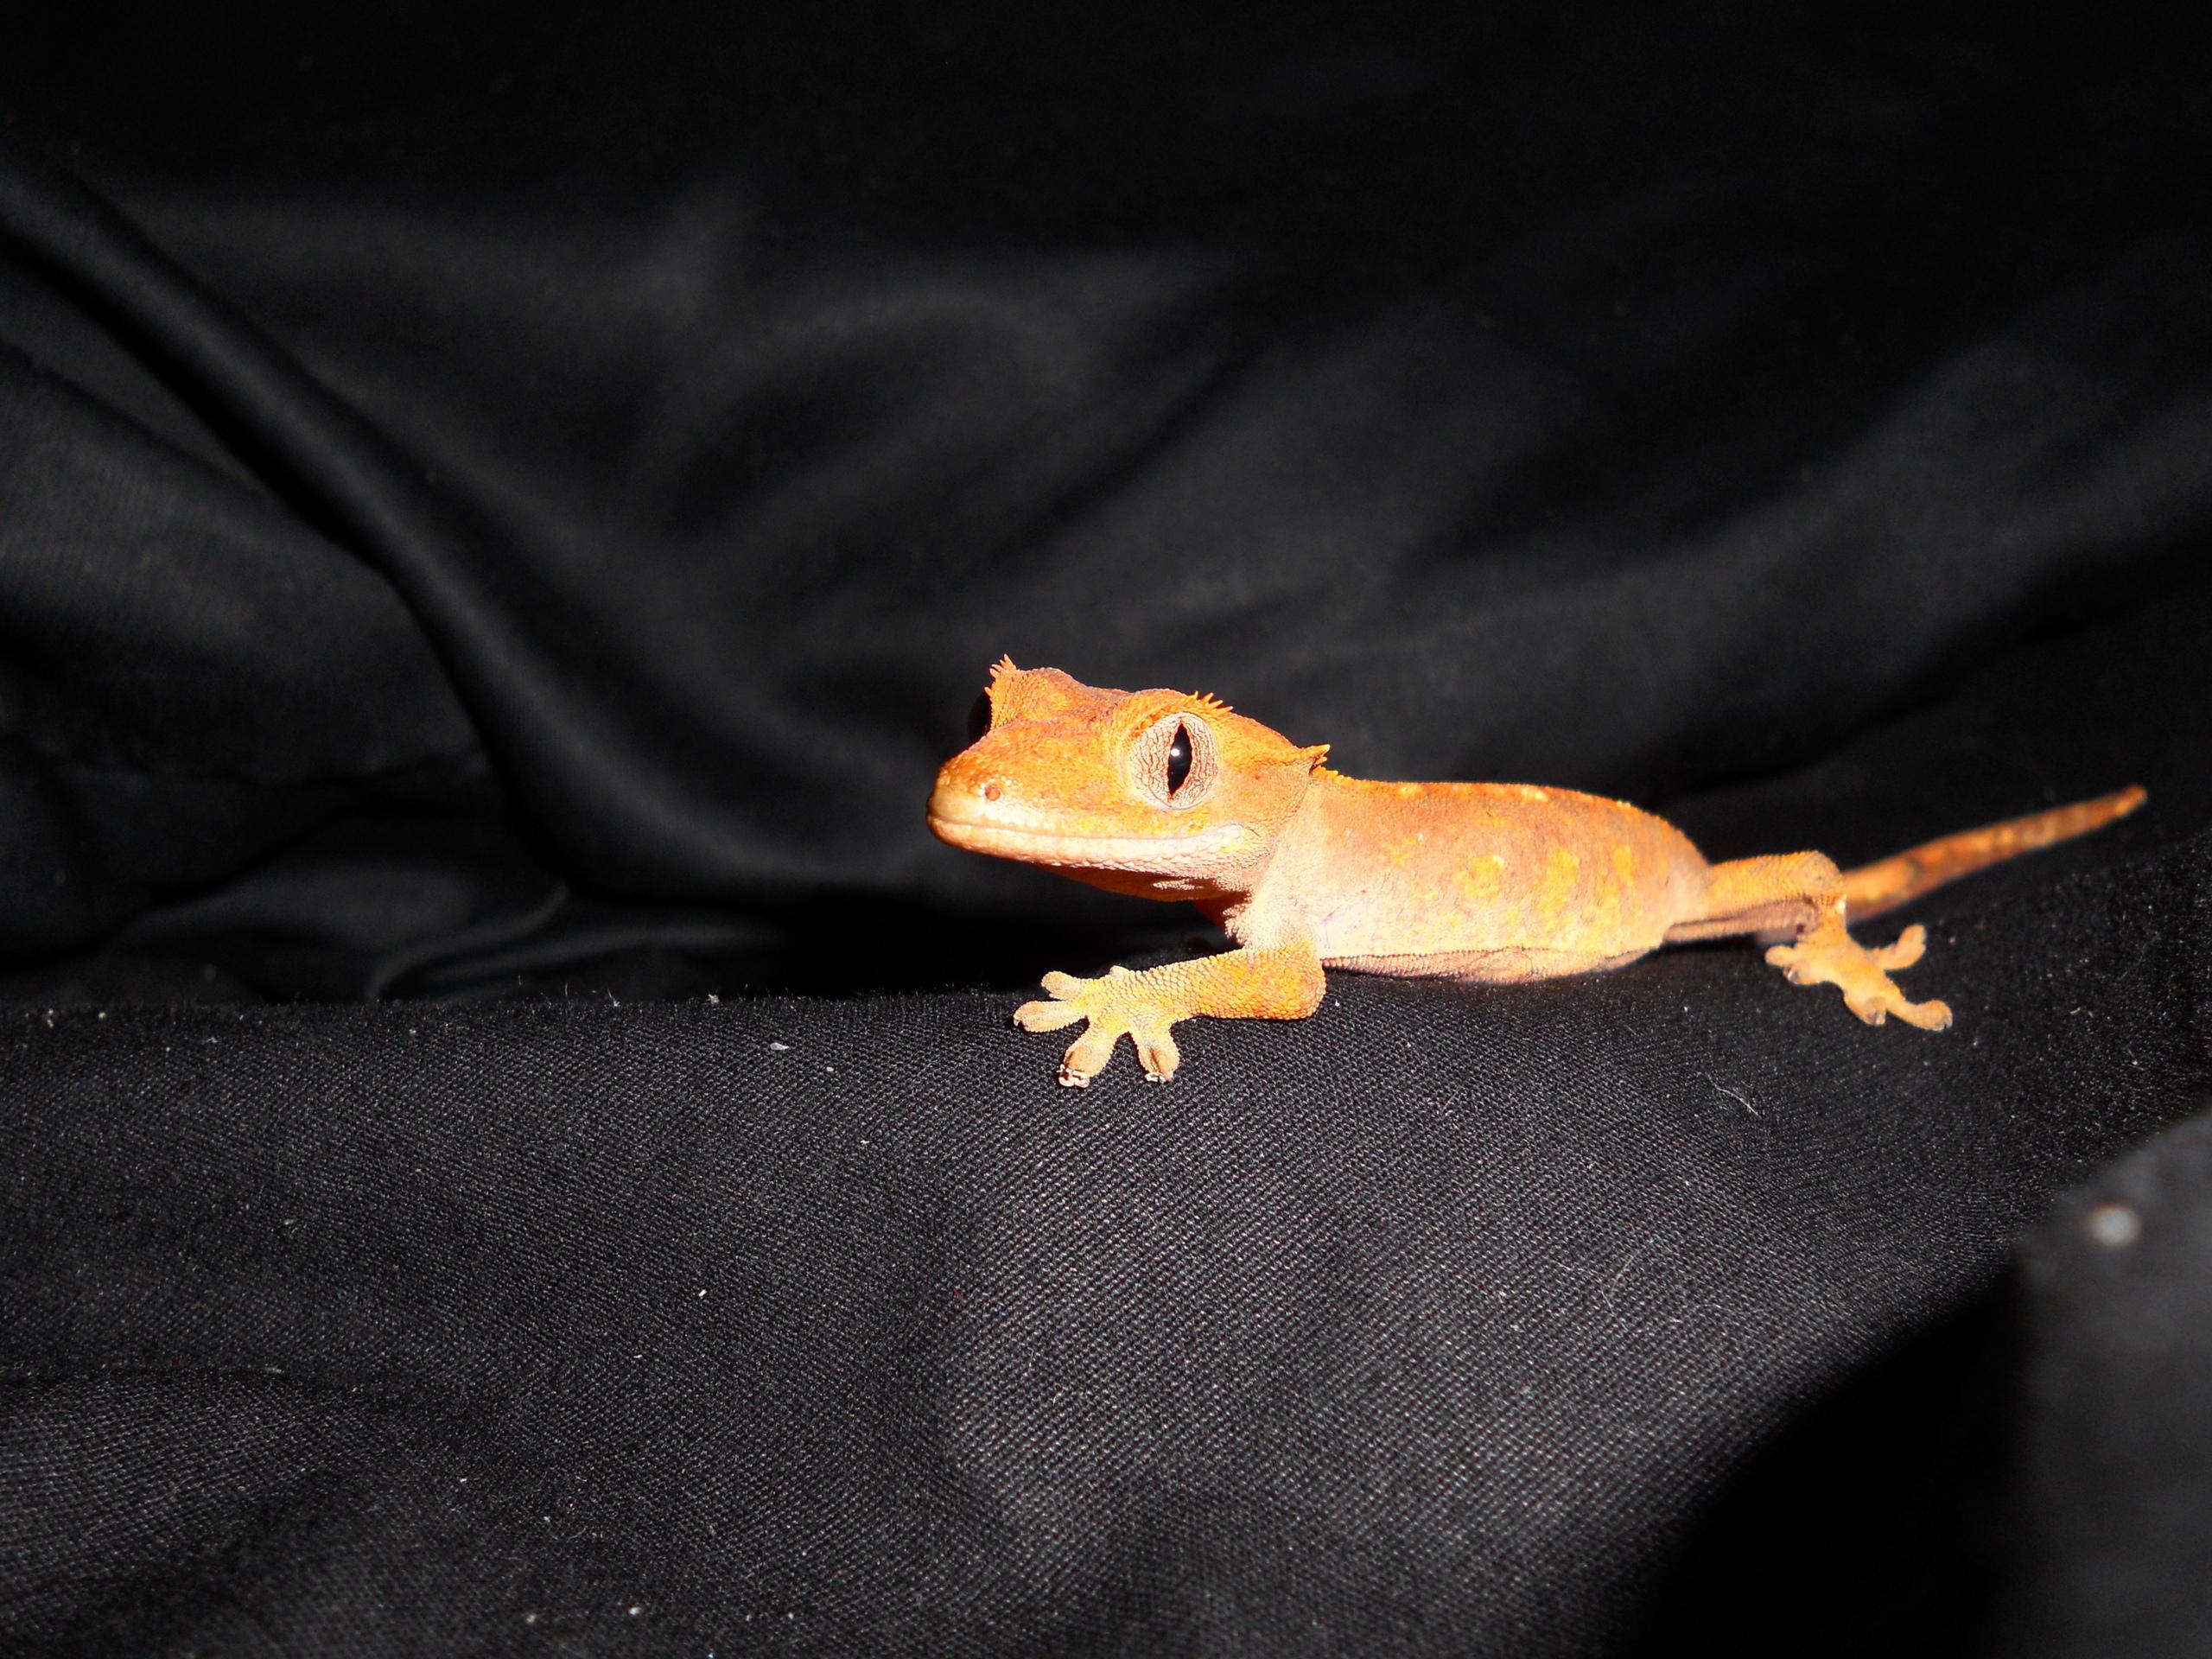 Reptiles gecko